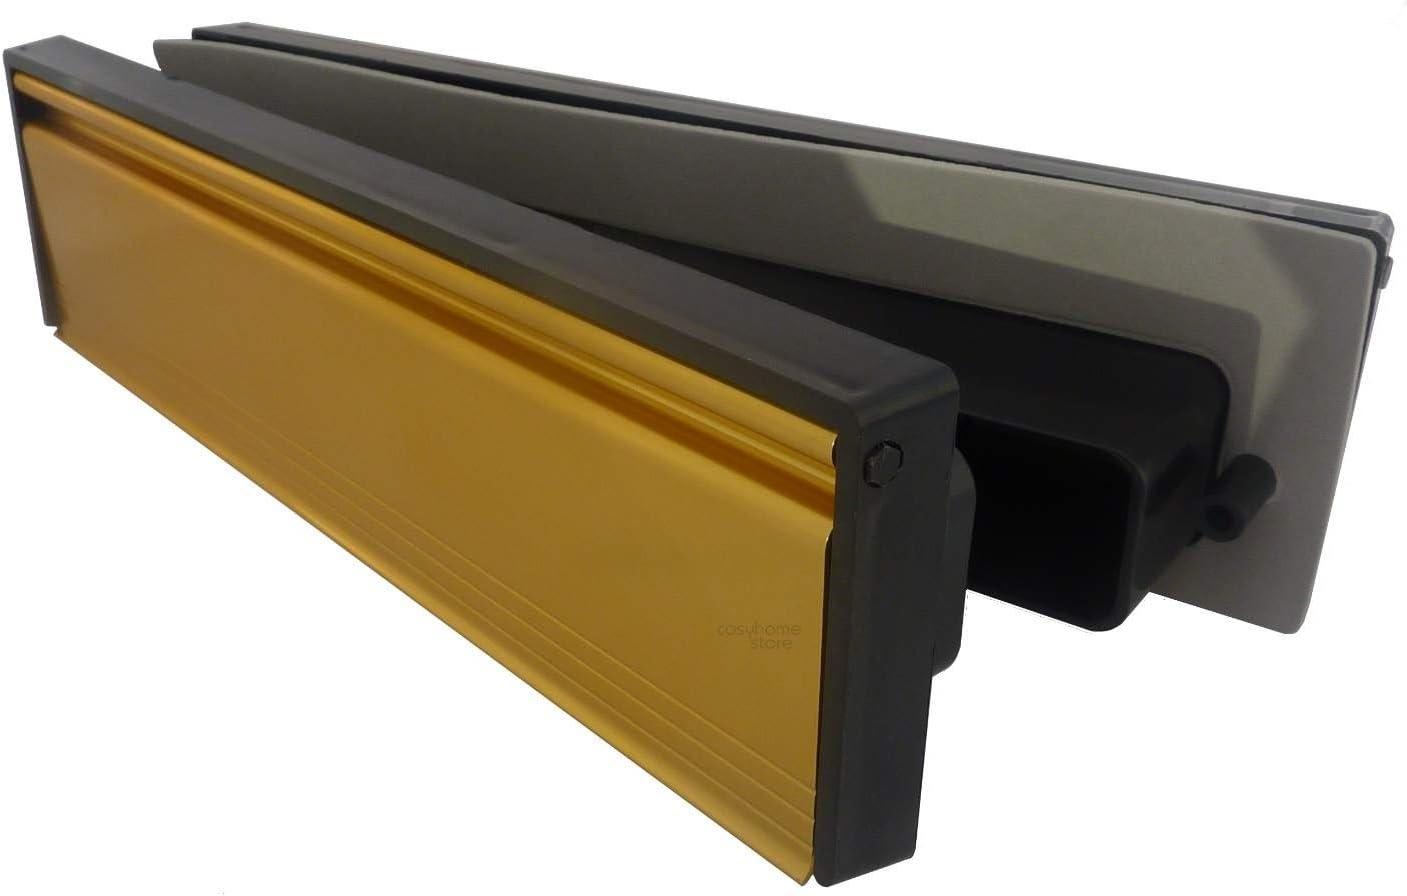 292 x 75 mm Stormguard Fente /à lettres en m/étal pour porte avec brosse et rabat Externe Interne 256 x 46 mm dor/é